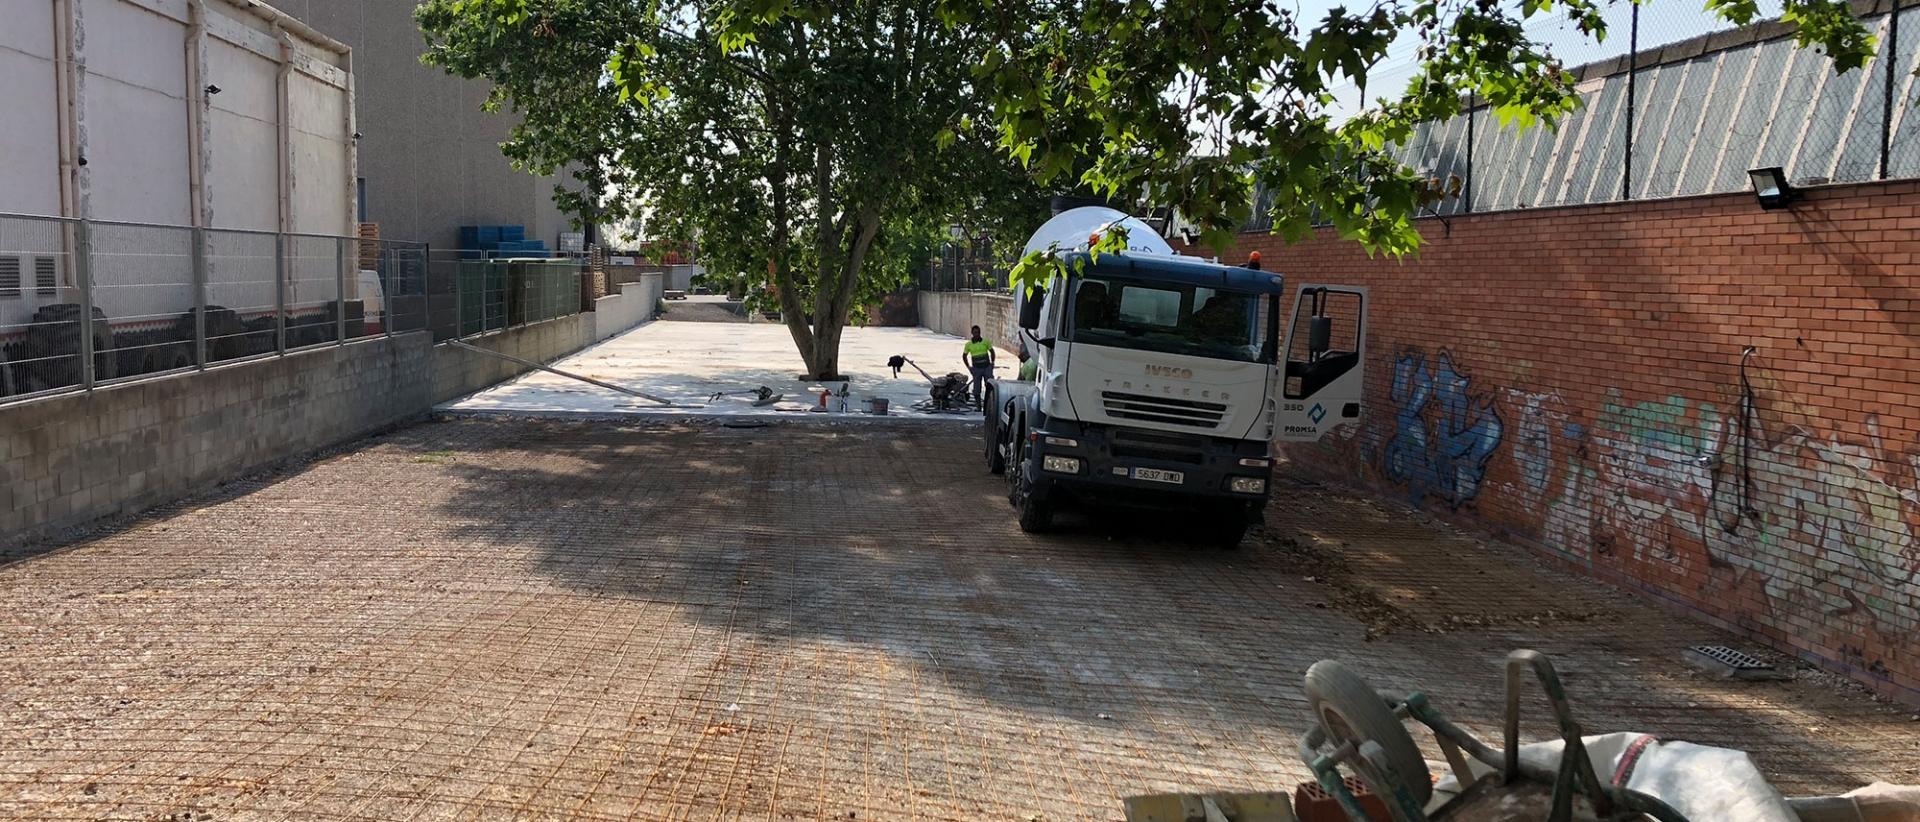 PARKING VEHÍCULOS BIGMAT. MATERIALES CONSTRUCCIÓN SAN BOI